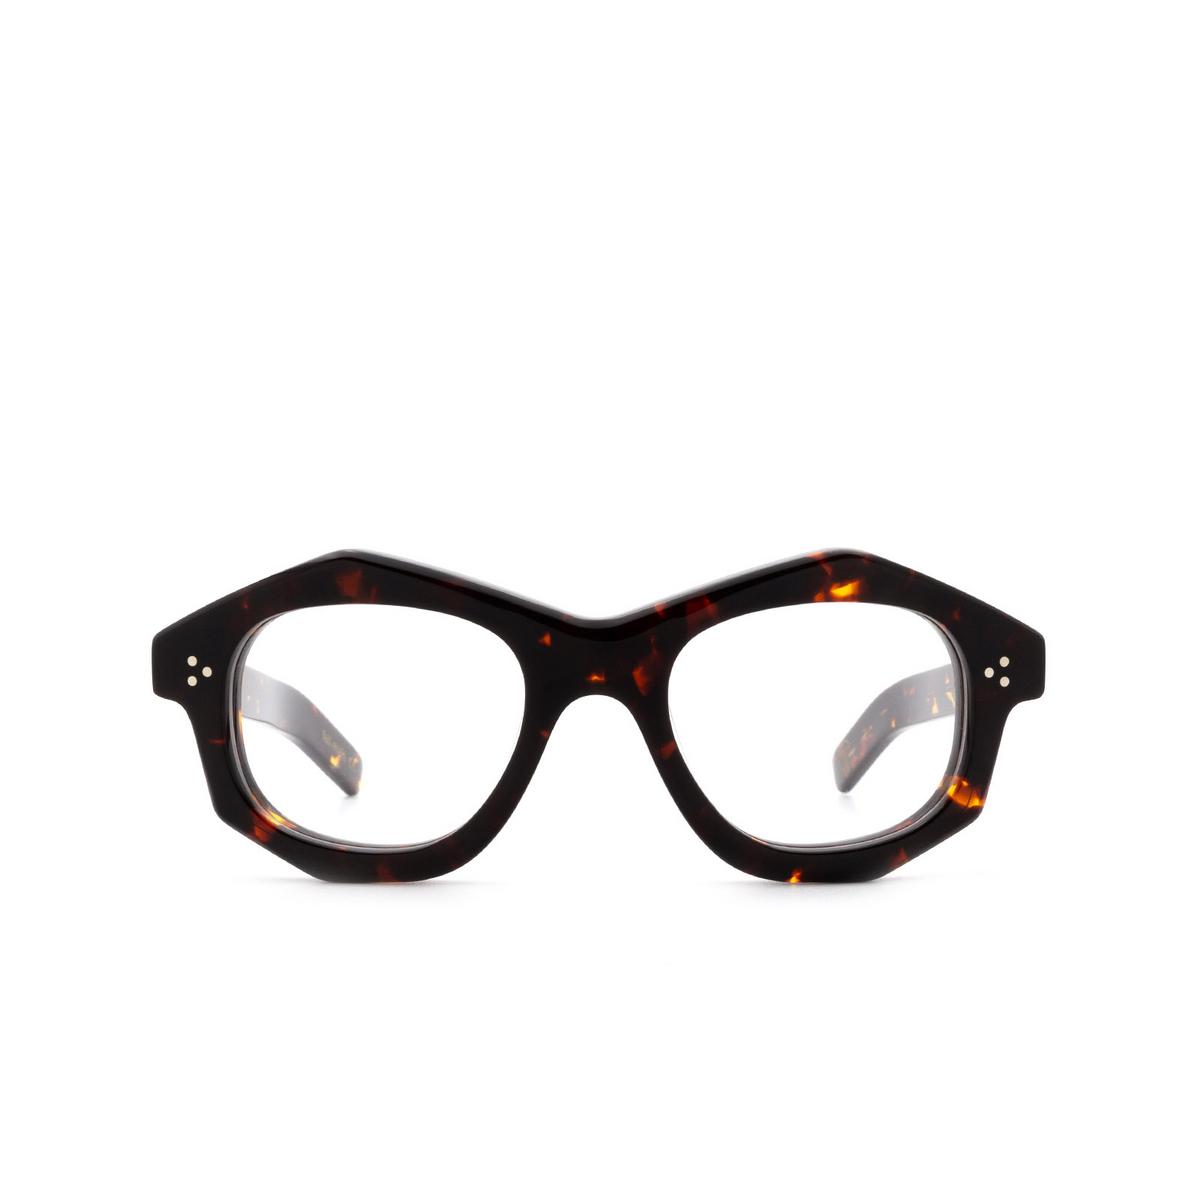 Lesca® Irregular Eyeglasses: Dada color Écaille Foncé 424 - front view.